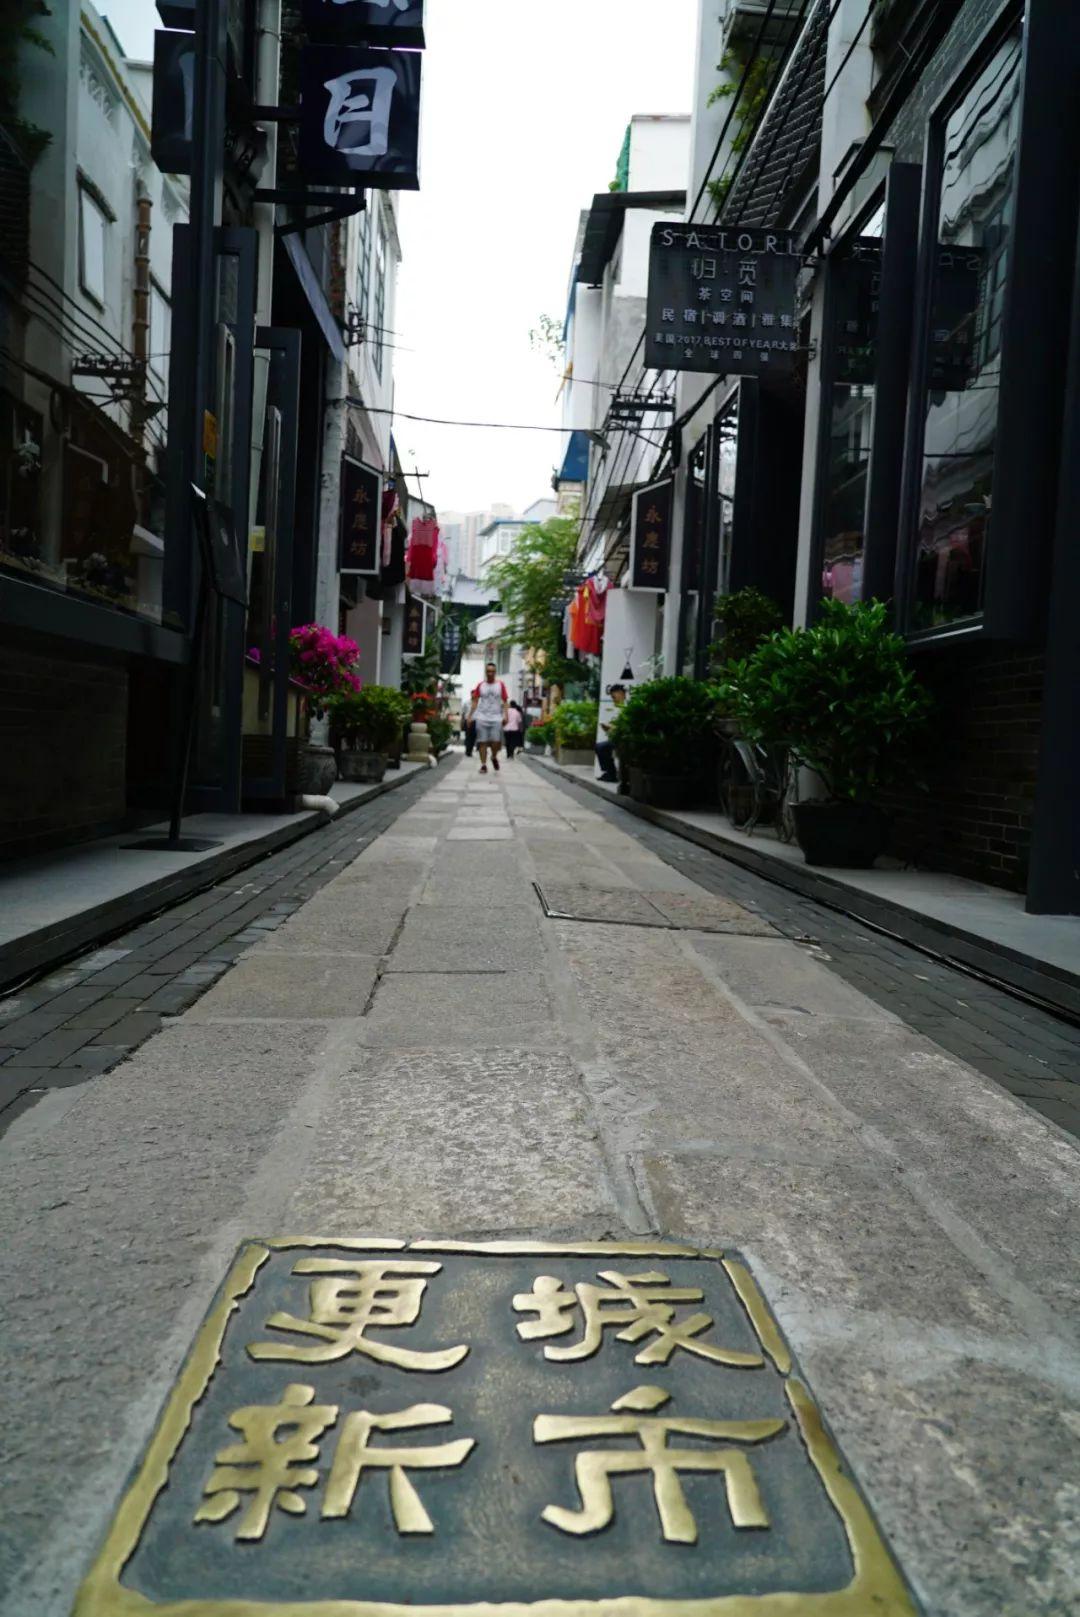 △永庆坊保持了传统街道的肌理结构,更多年轻人往来其间。(央视记者关舟拍摄)